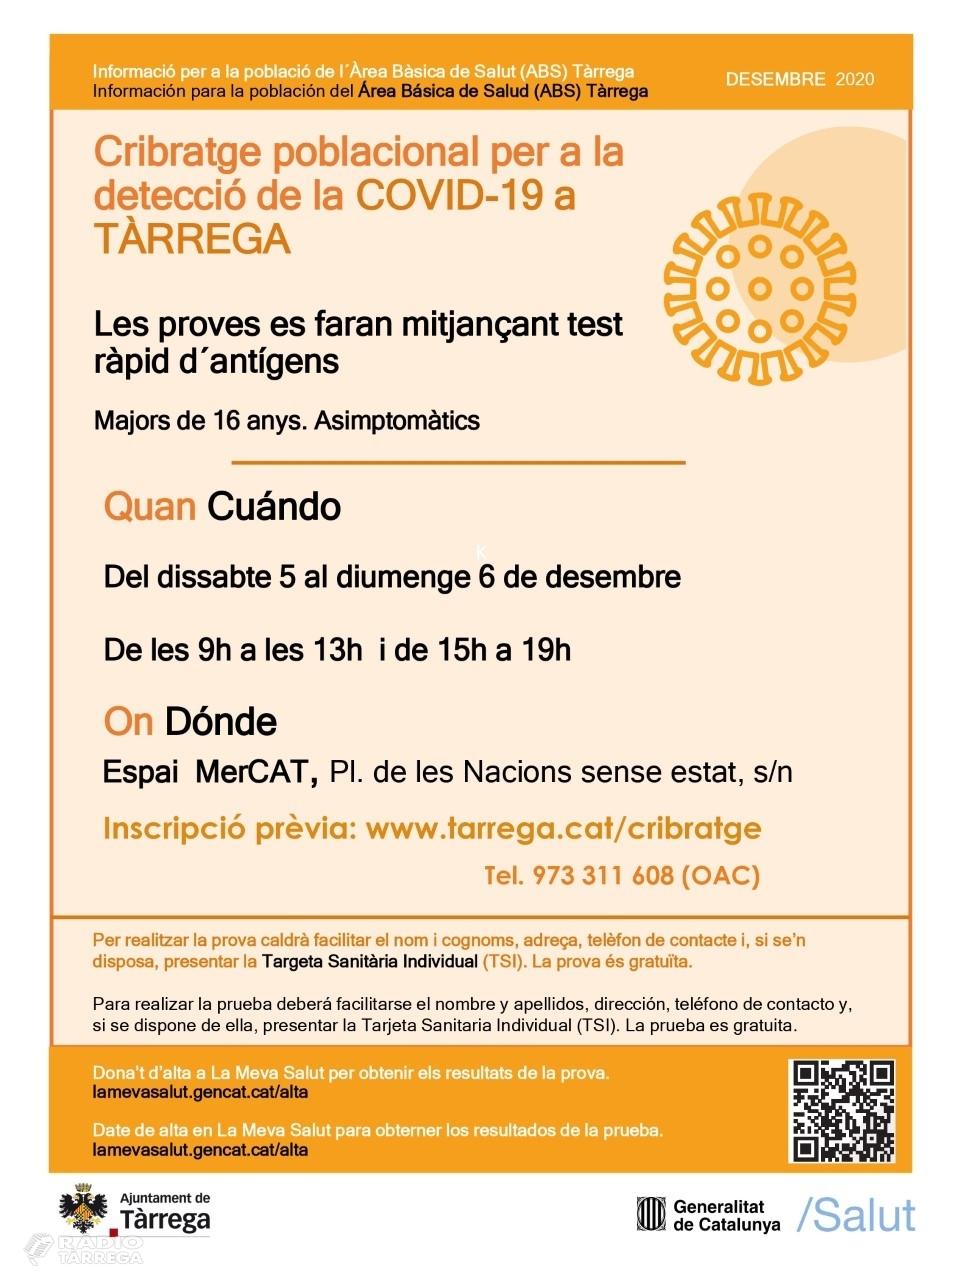 L'Ajuntament de Tàrrega habilita un formulari online per reservar torn al cribratge poblacional que es realitzarà els dies 5 i 6 de desembre